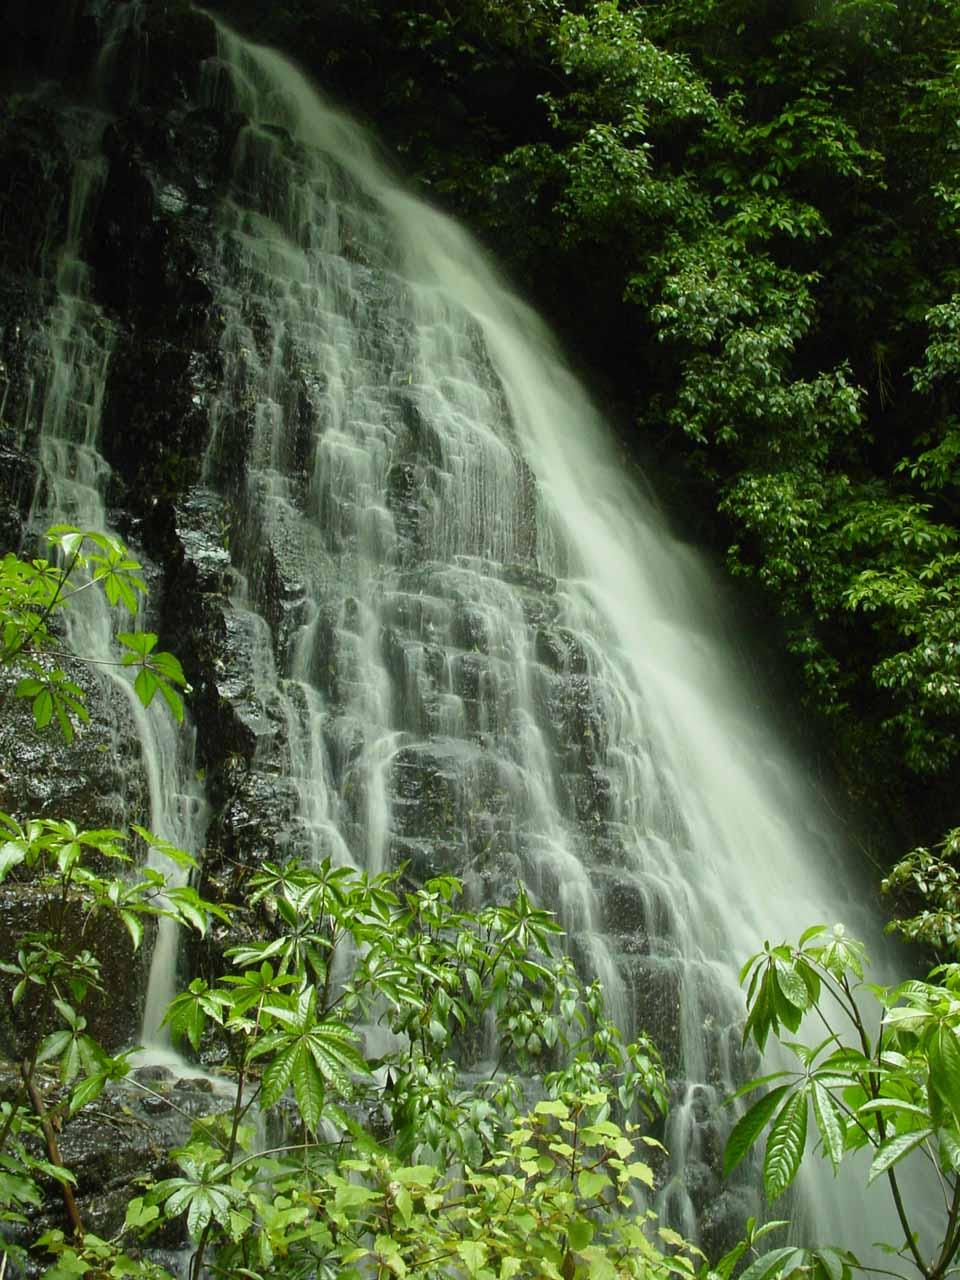 Barrs Falls